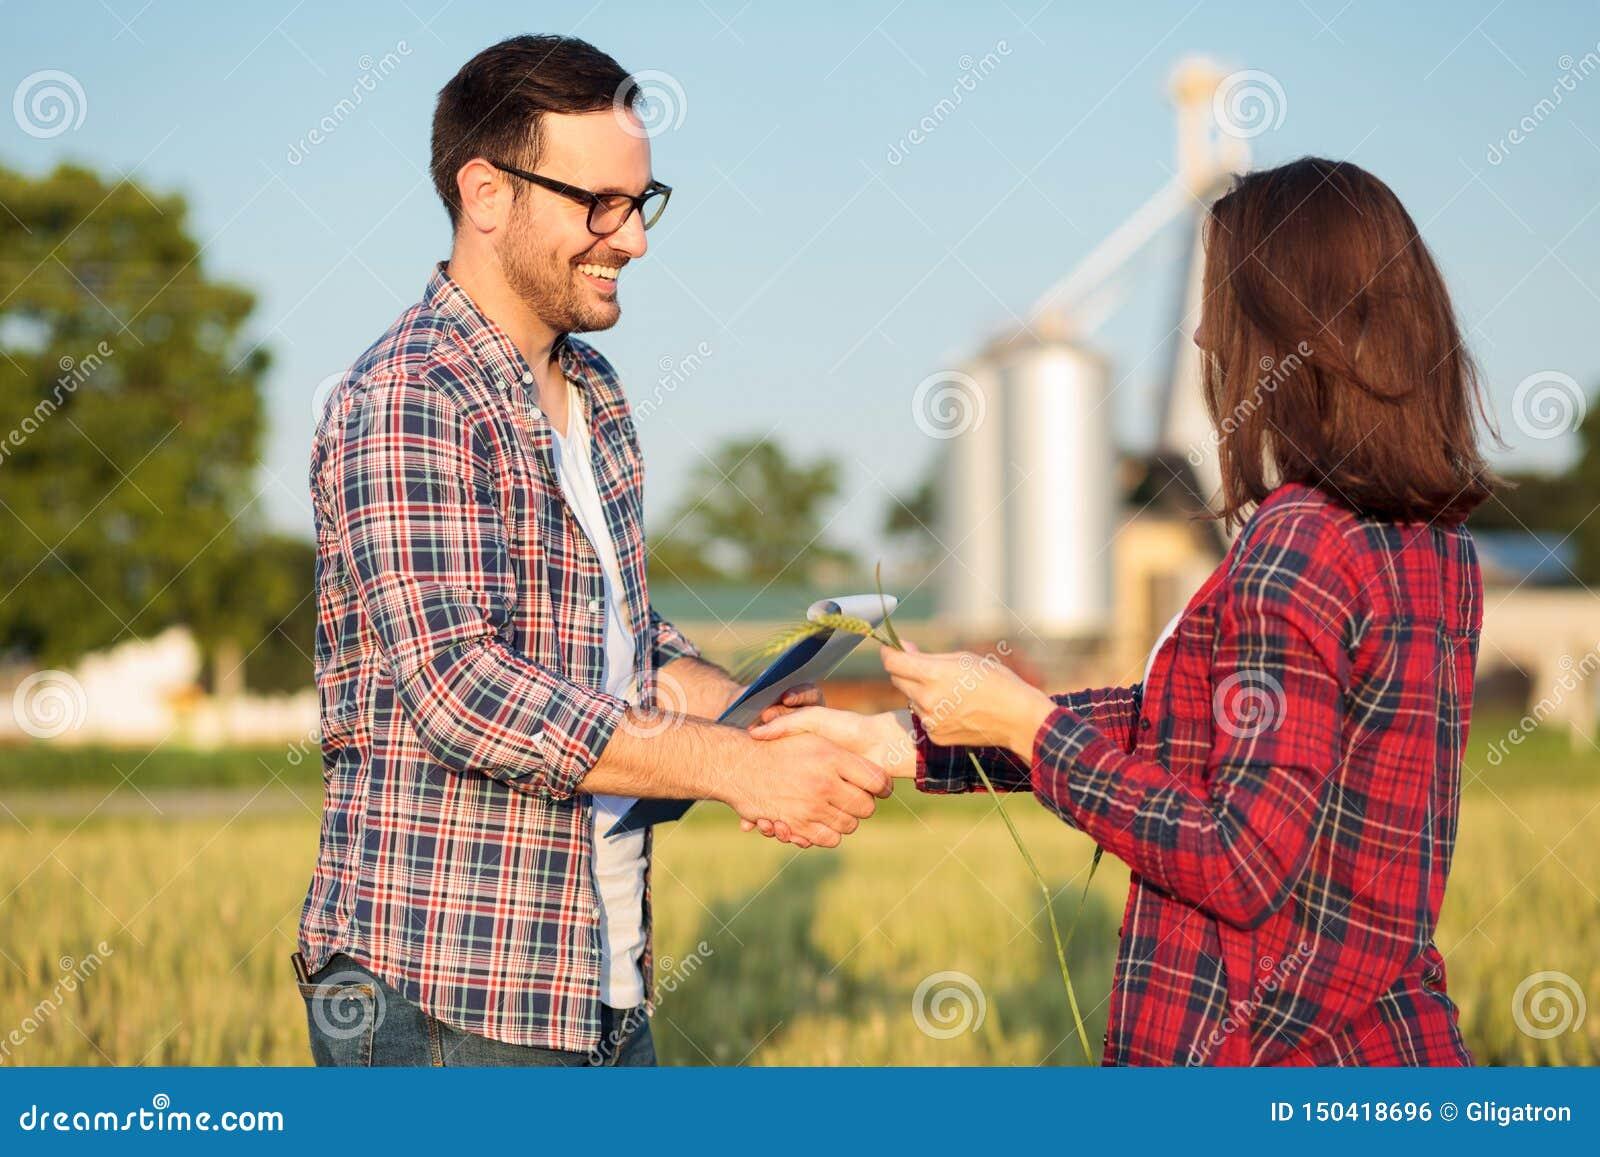 Lycklig ung kvinnlig två och manliga bönder eller agronomer som skakar händer i ett vetefält